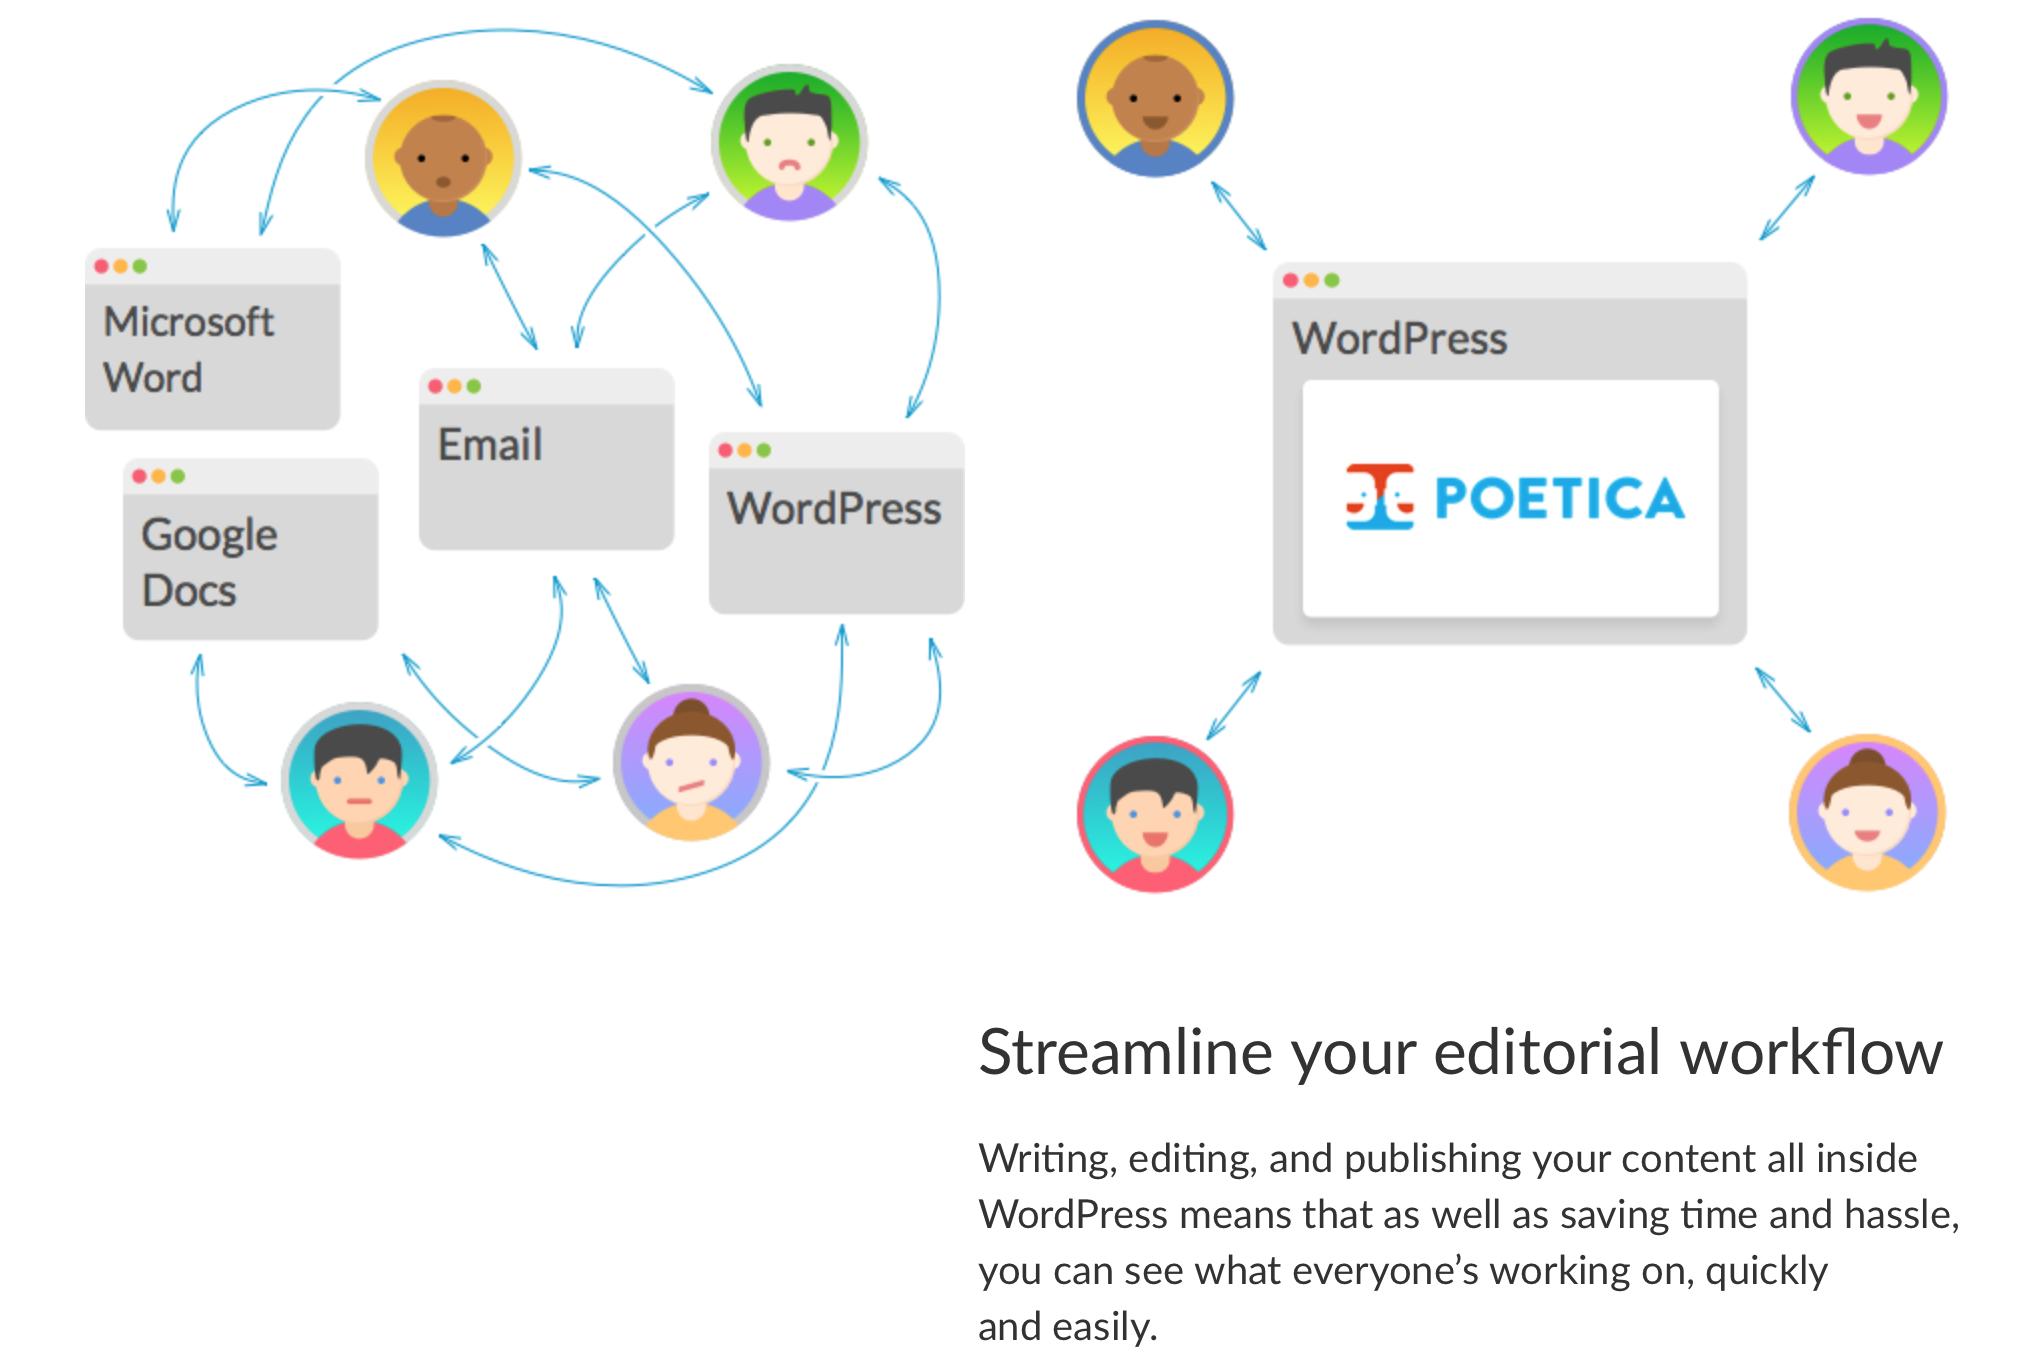 加快审稿和推送速度,康泰纳仕收购伦敦编辑技术公司 Poetica